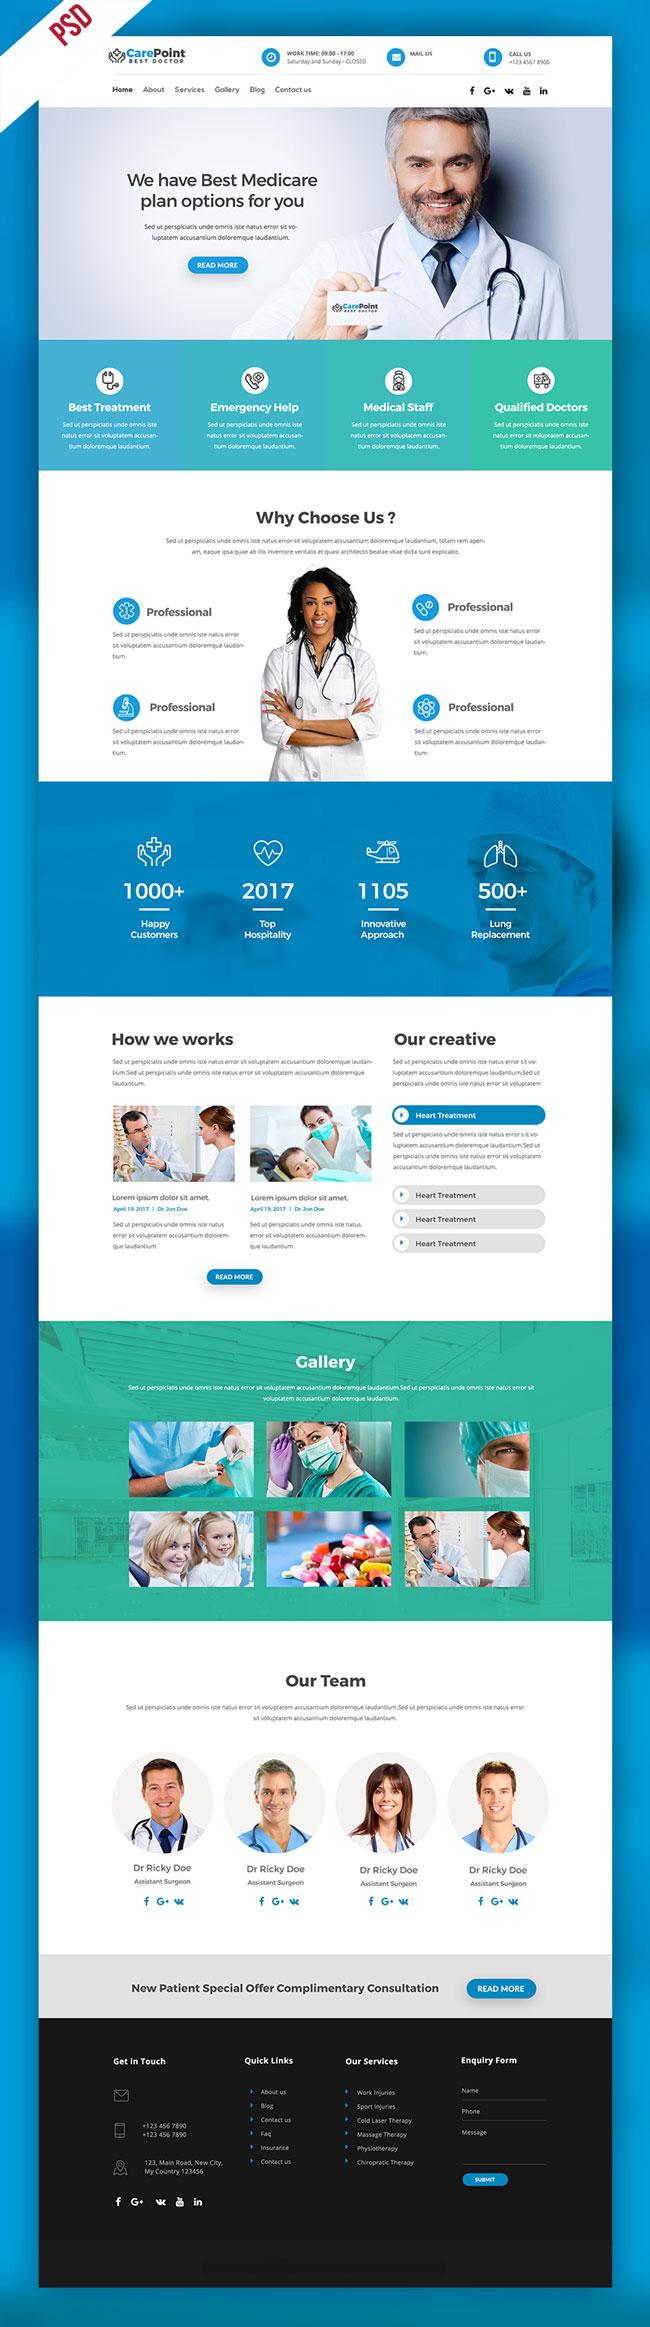 p399 - قالب لایه باز وب سایت تک صفحه ای پزشکی بیمارستانی بسیار زیبا